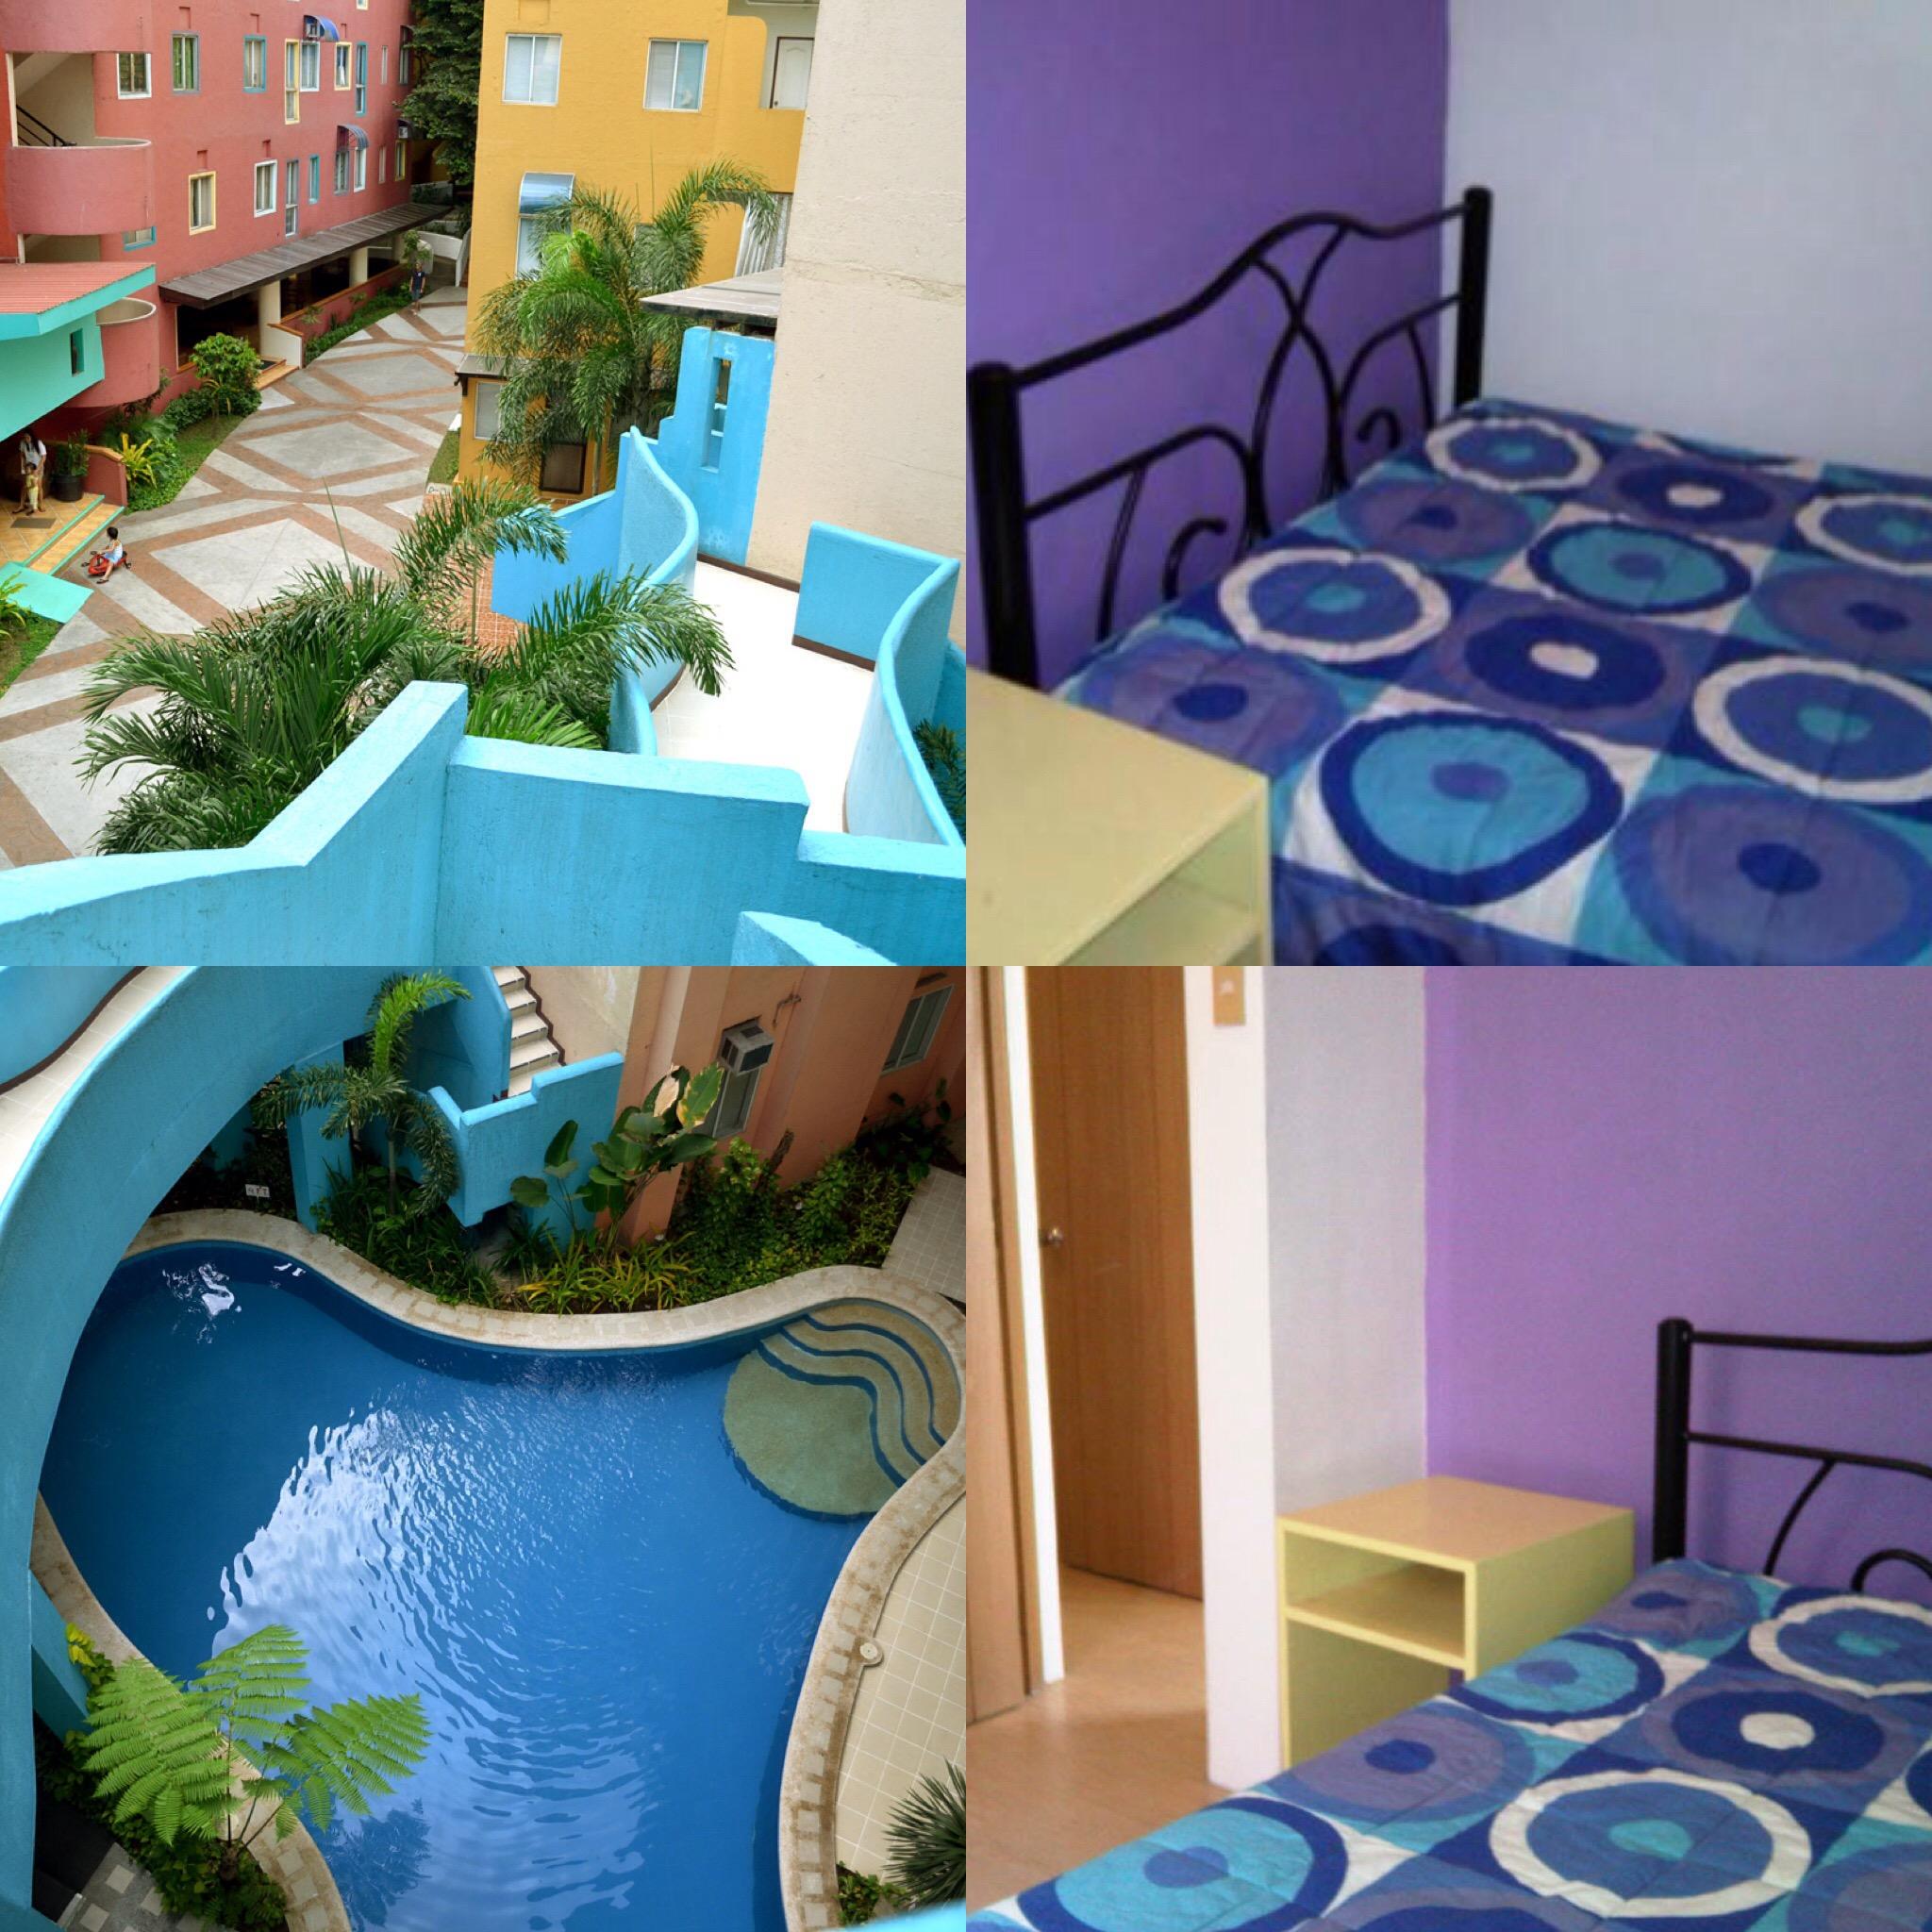 for rent condo 2br 9k qc 09235564517 rico navarro